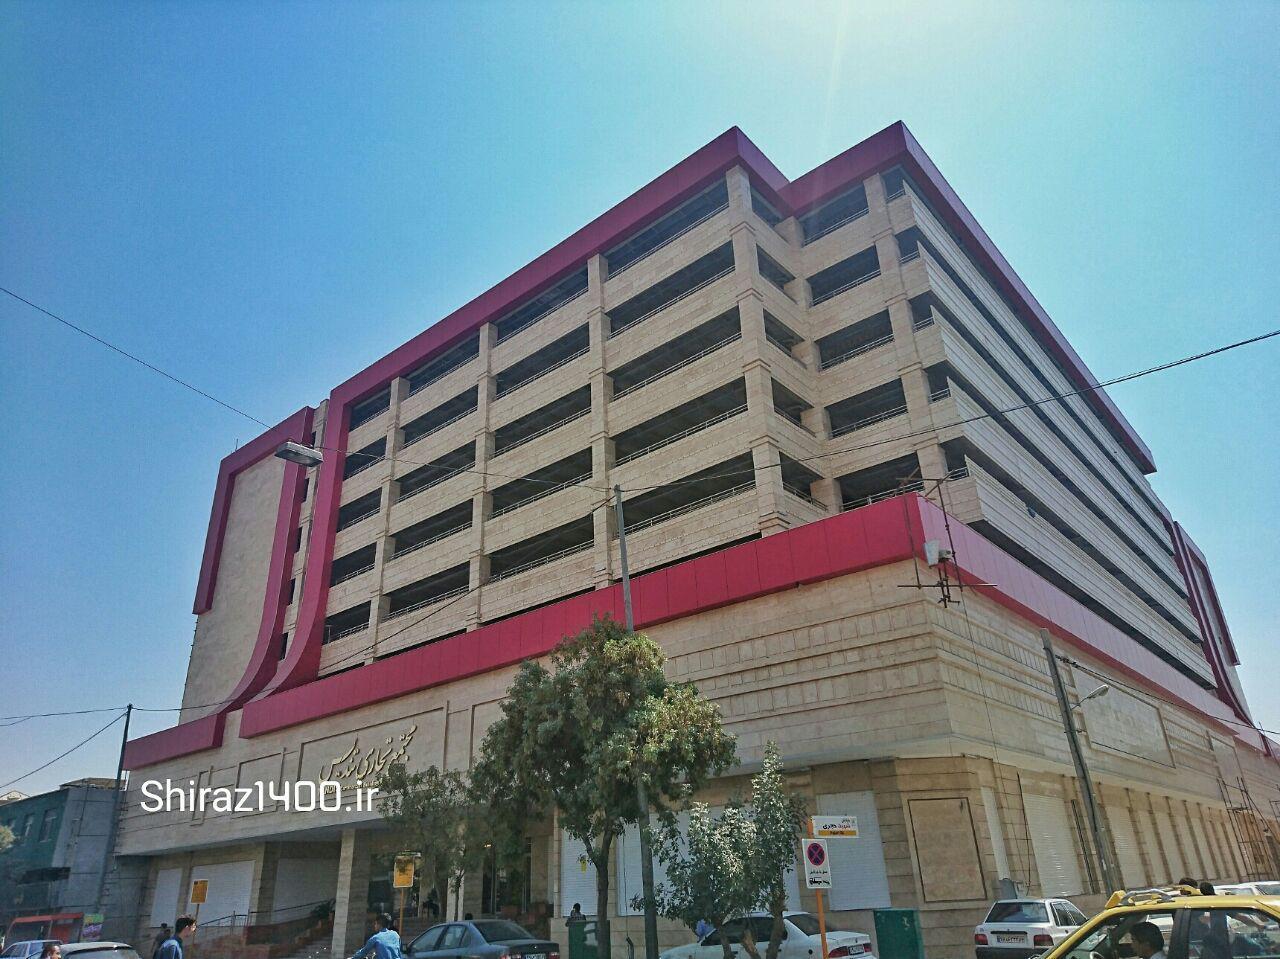 افزایش ۲۰ درصدی نرخ روزانه خدمات پارکینگها در شیراز